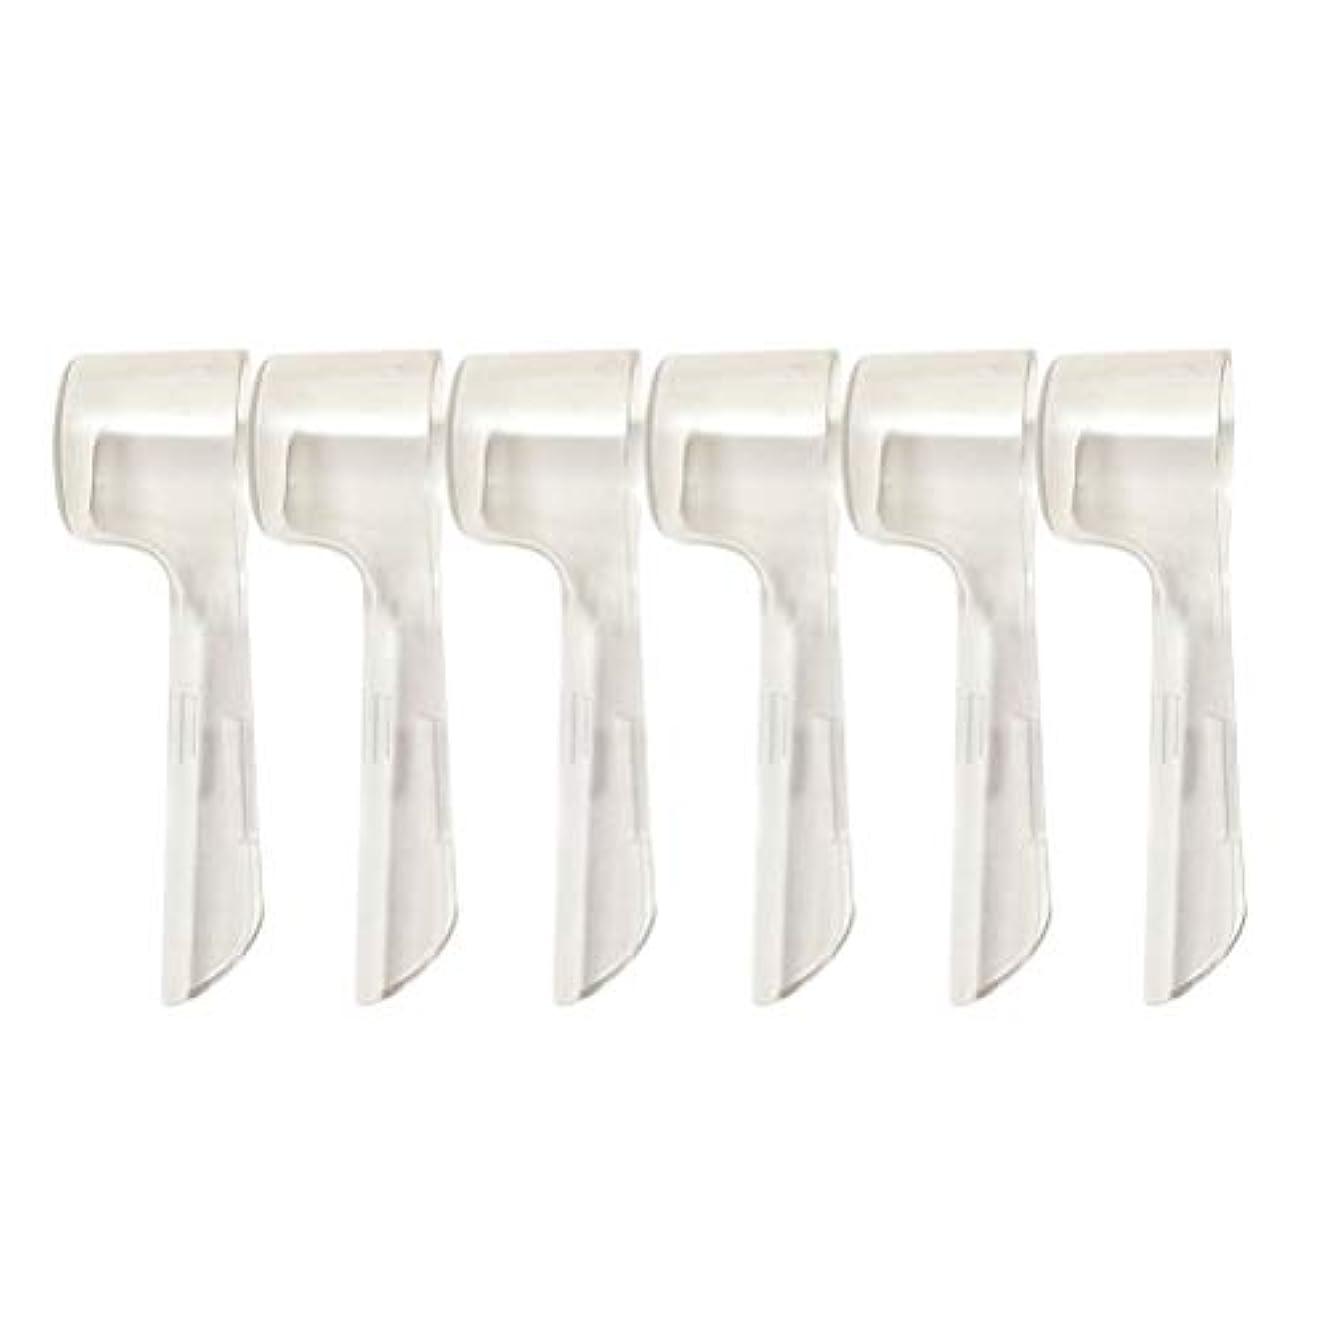 無数の有害なスケートHealifty 電動歯ブラシヘッド 保護カバー 旅行 キャップ 日常の使用で細菌をほこりから守る 10ピース